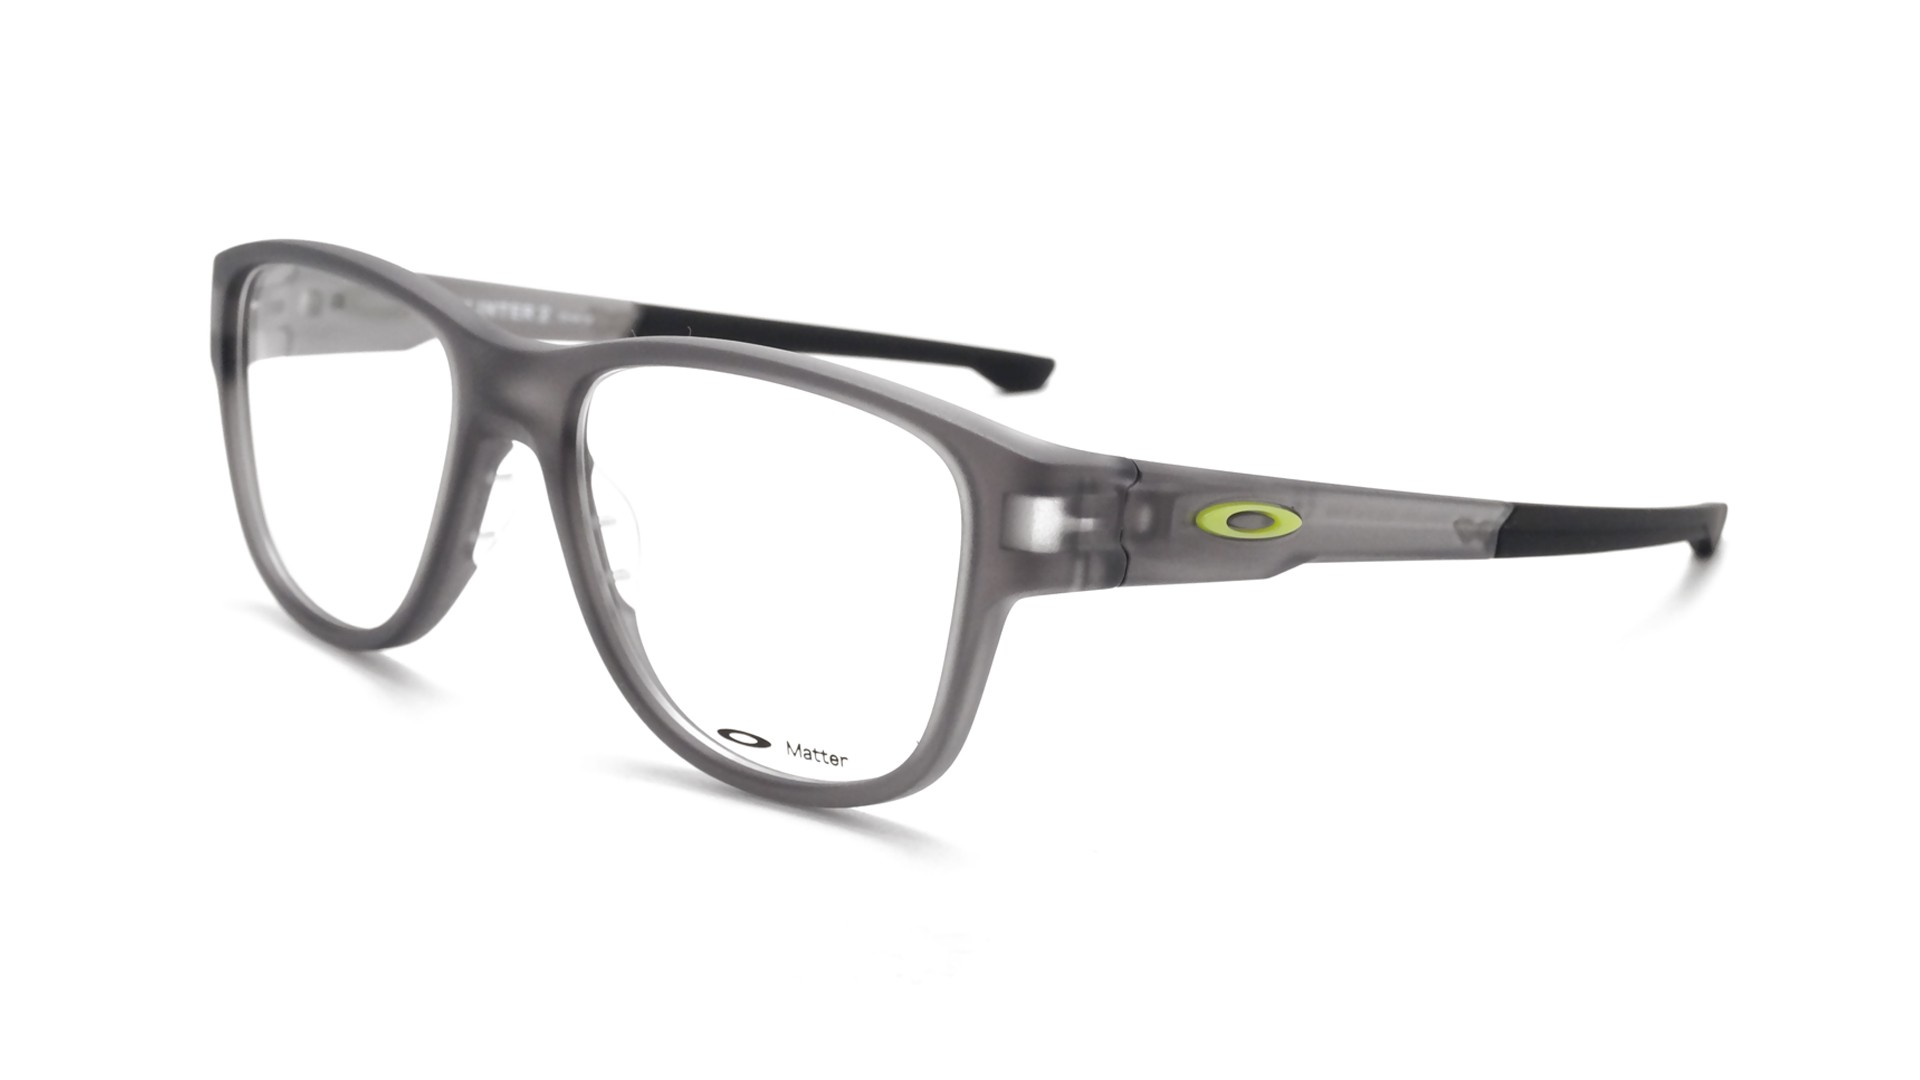 e05157d035 Oakley Splinter Sunglasses Discontinued « Heritage Malta